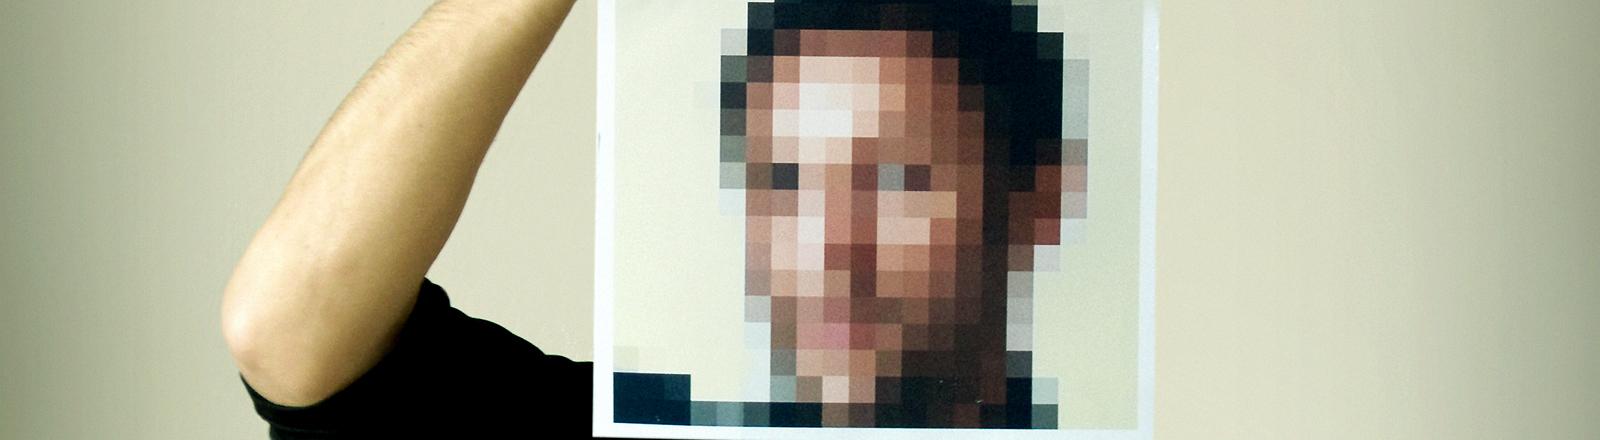 Ein Mann mit verpixeltem Gesicht